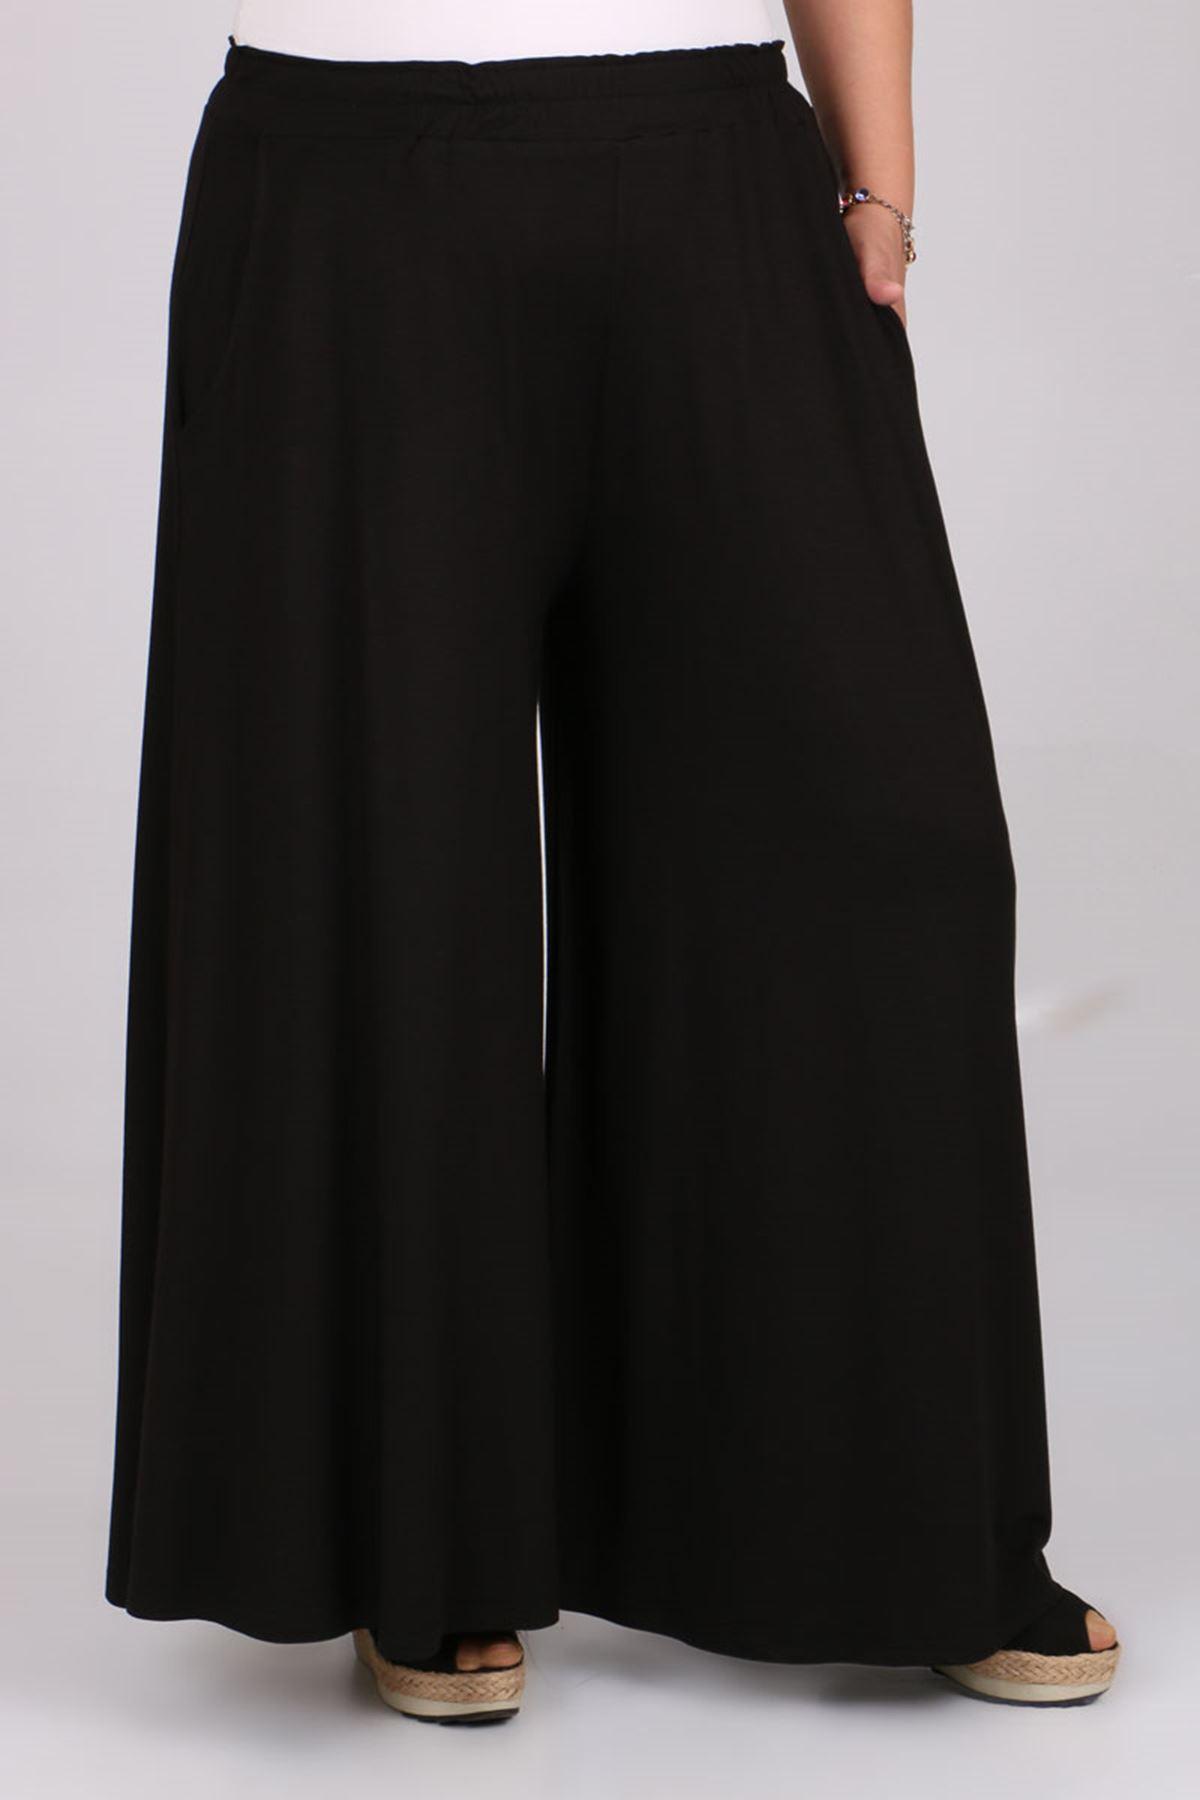 D-9079-2 Büyük Beden Defolu Penye Geniş Paça Pantolon - Siyah